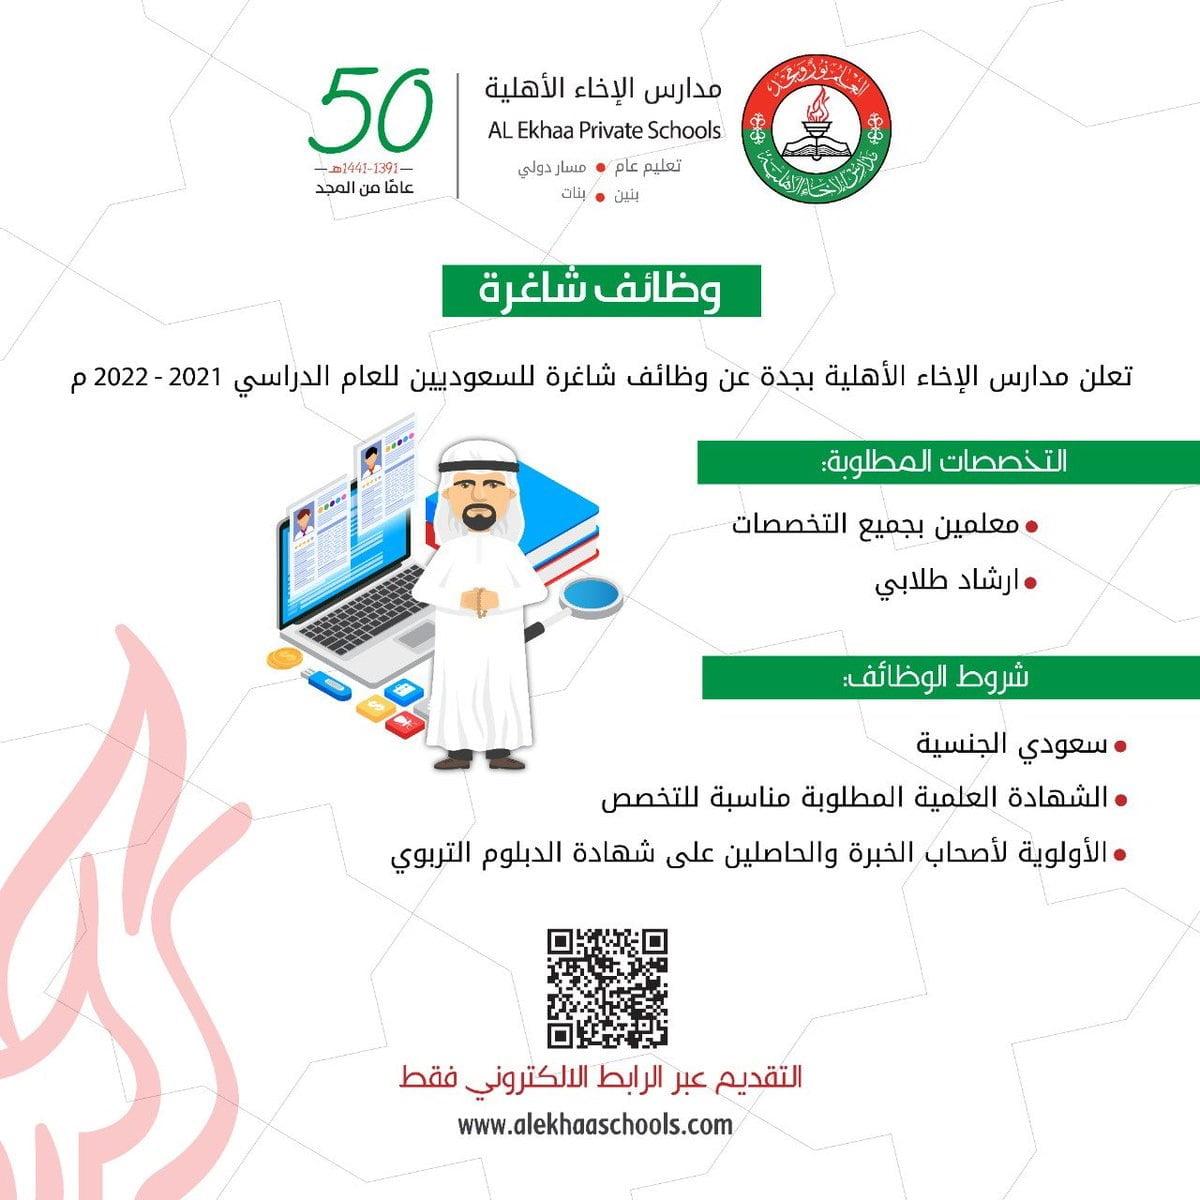 فتح باب التوظيف للوظائف التعليمية 1443هـ لدى مدارس الإخاء الأهلية بمحافظة جدة 3